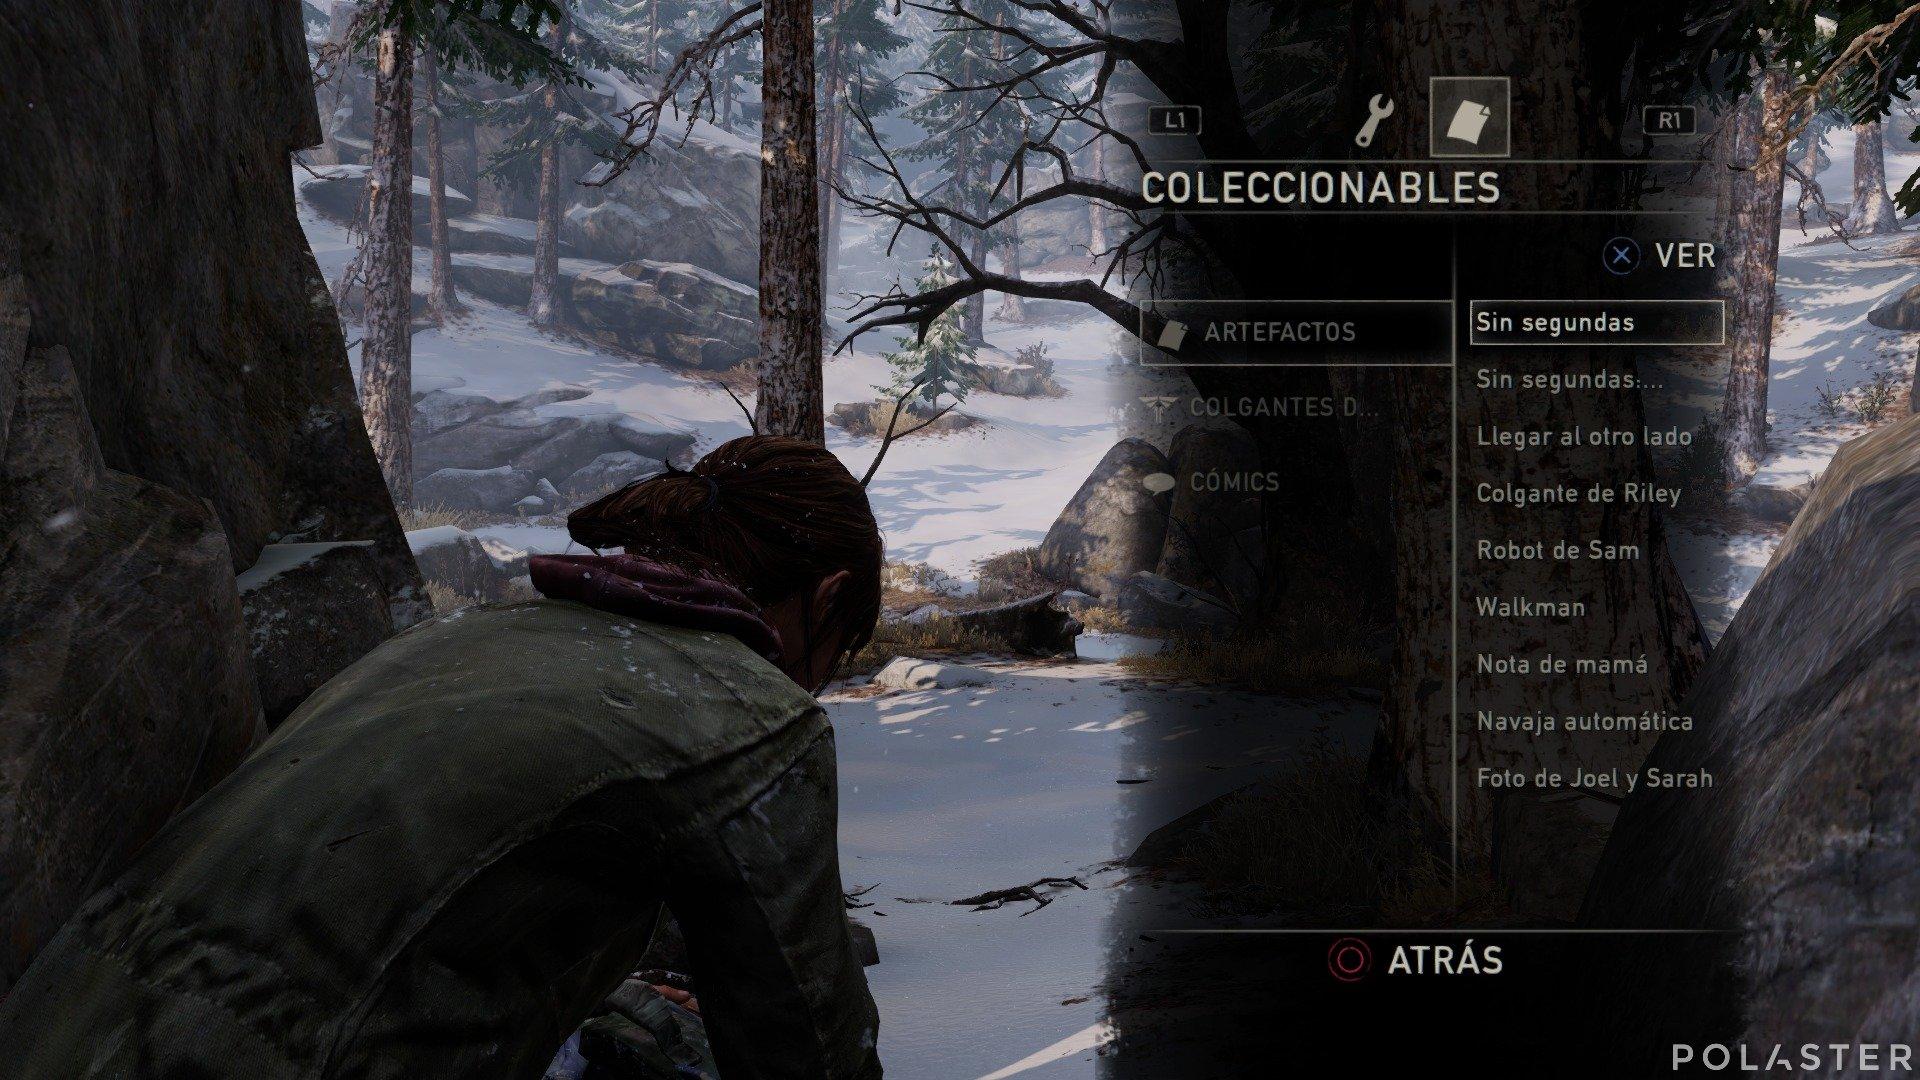 The Last of Us Artefactos Mochilla de Ellie